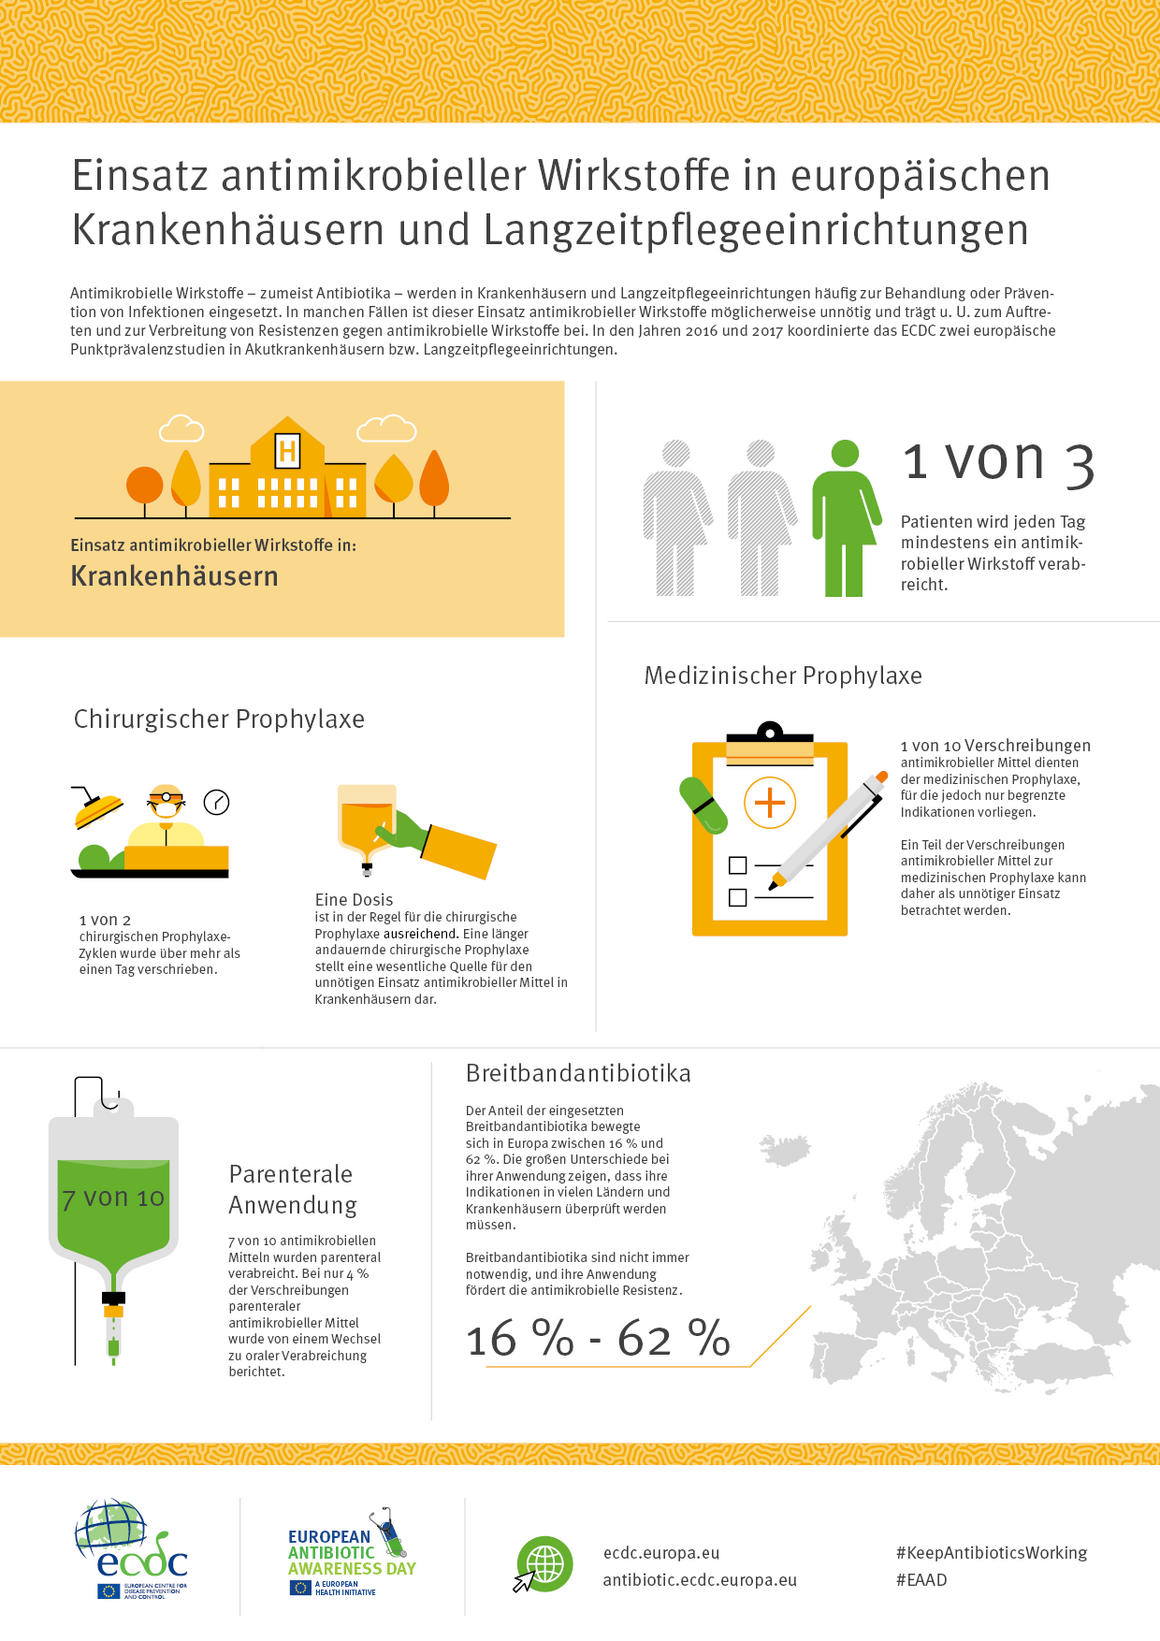 Einsatz antimikrobieller Wirkstoffe in europäischen Krankenhäusern und Langzeitpflegeeinrichtungen